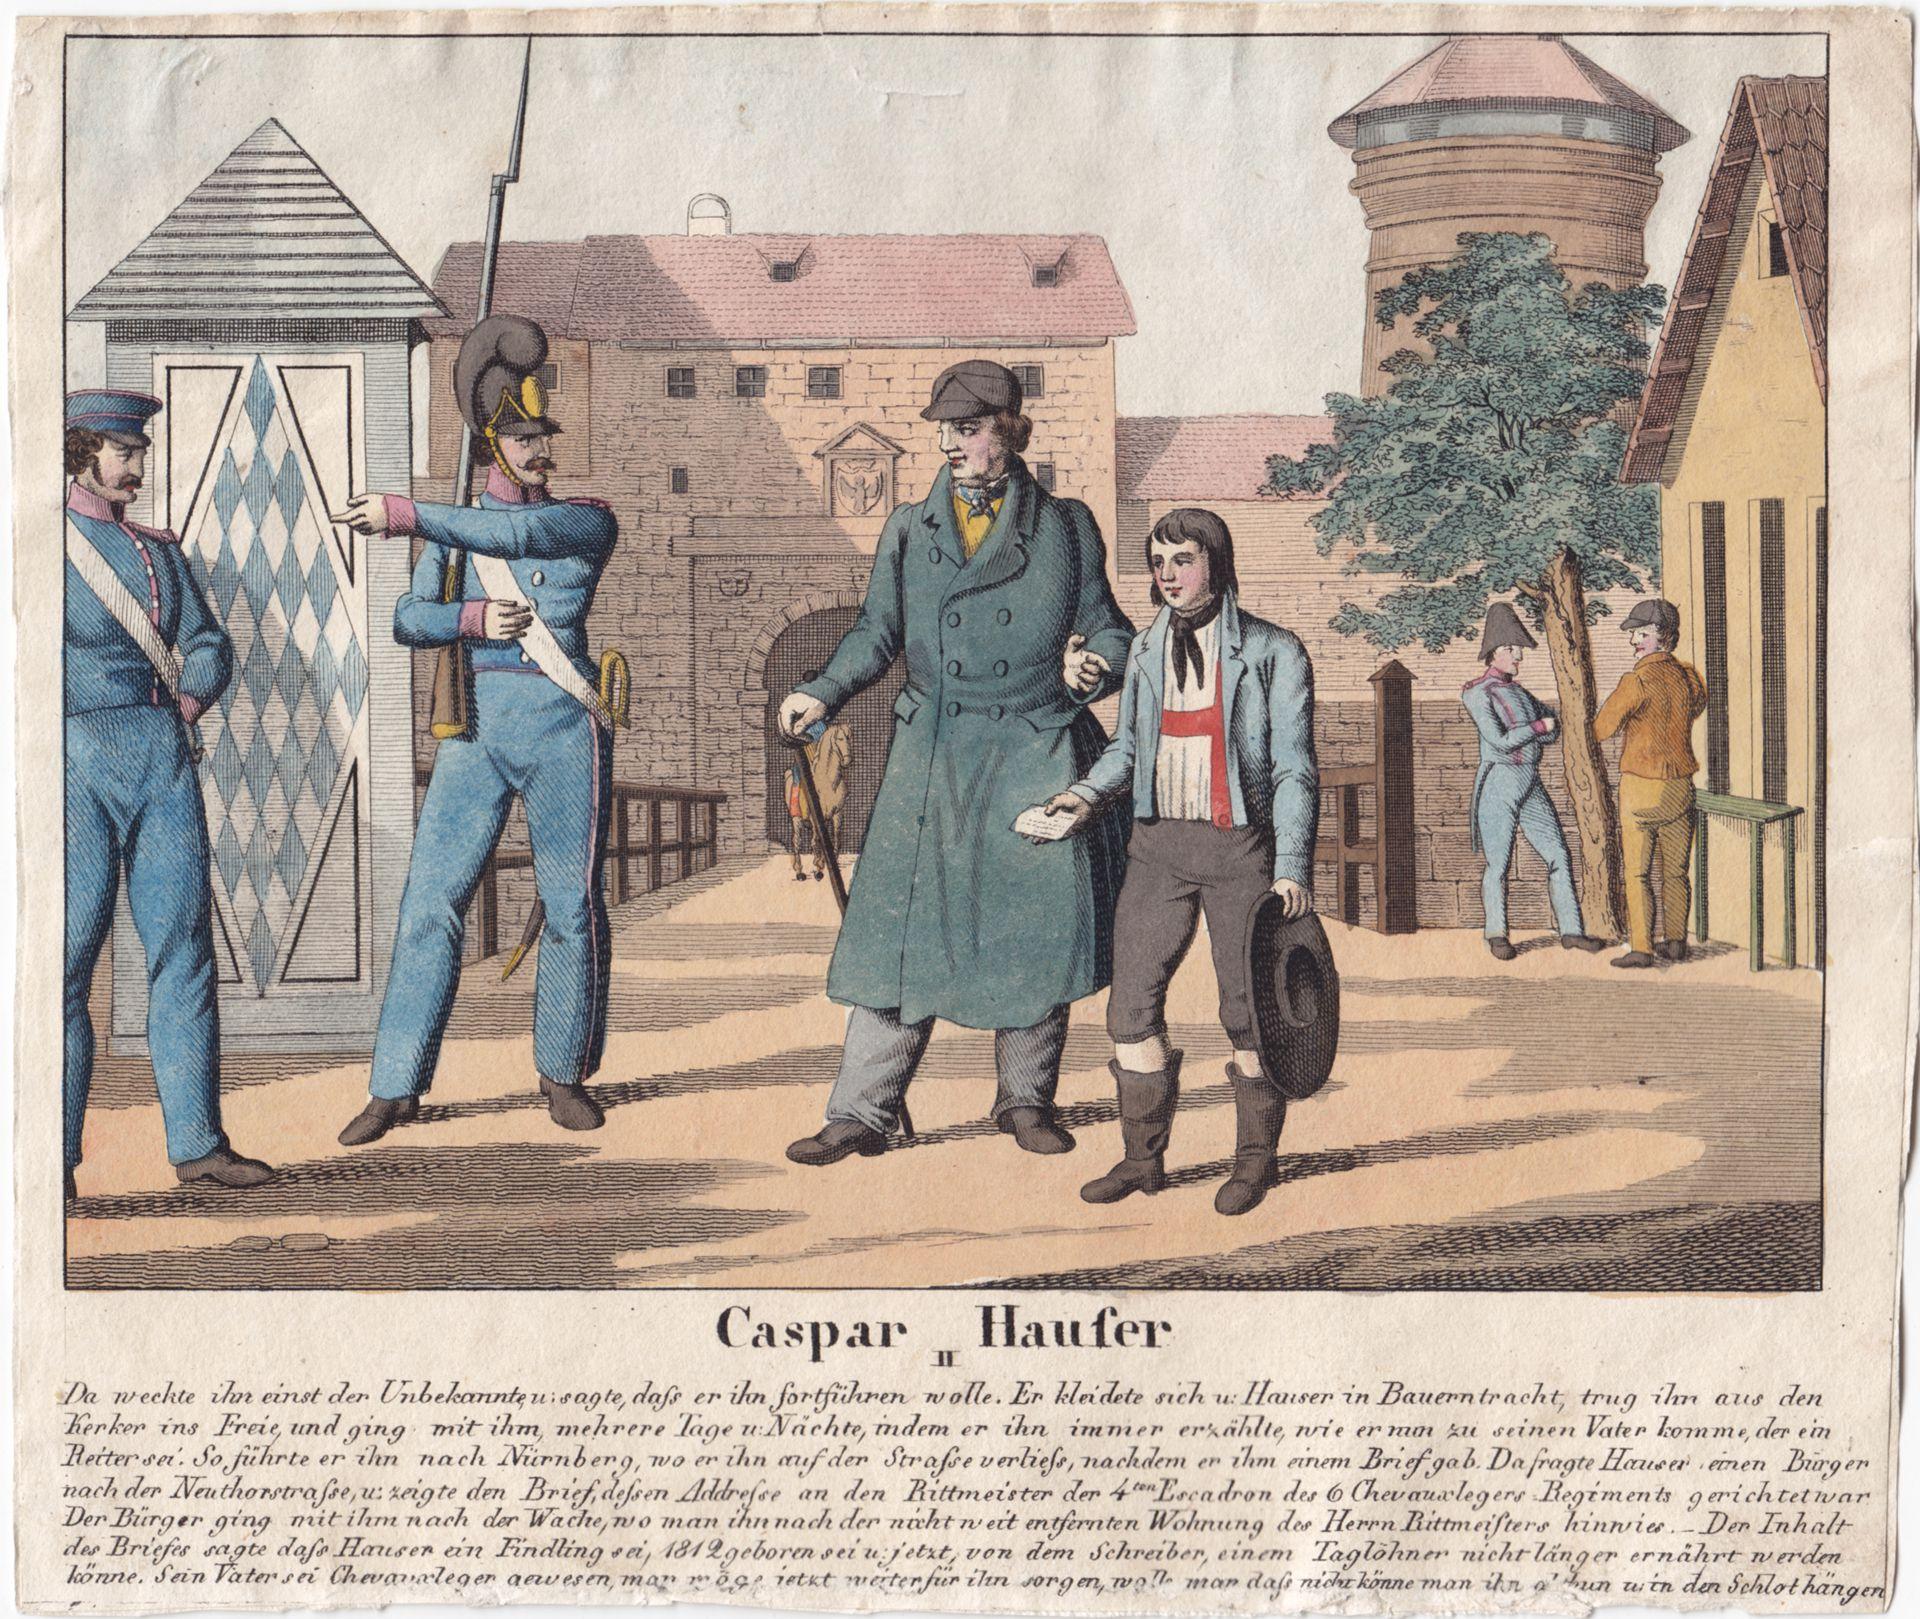 Caspar Hauser II Gesamtansicht